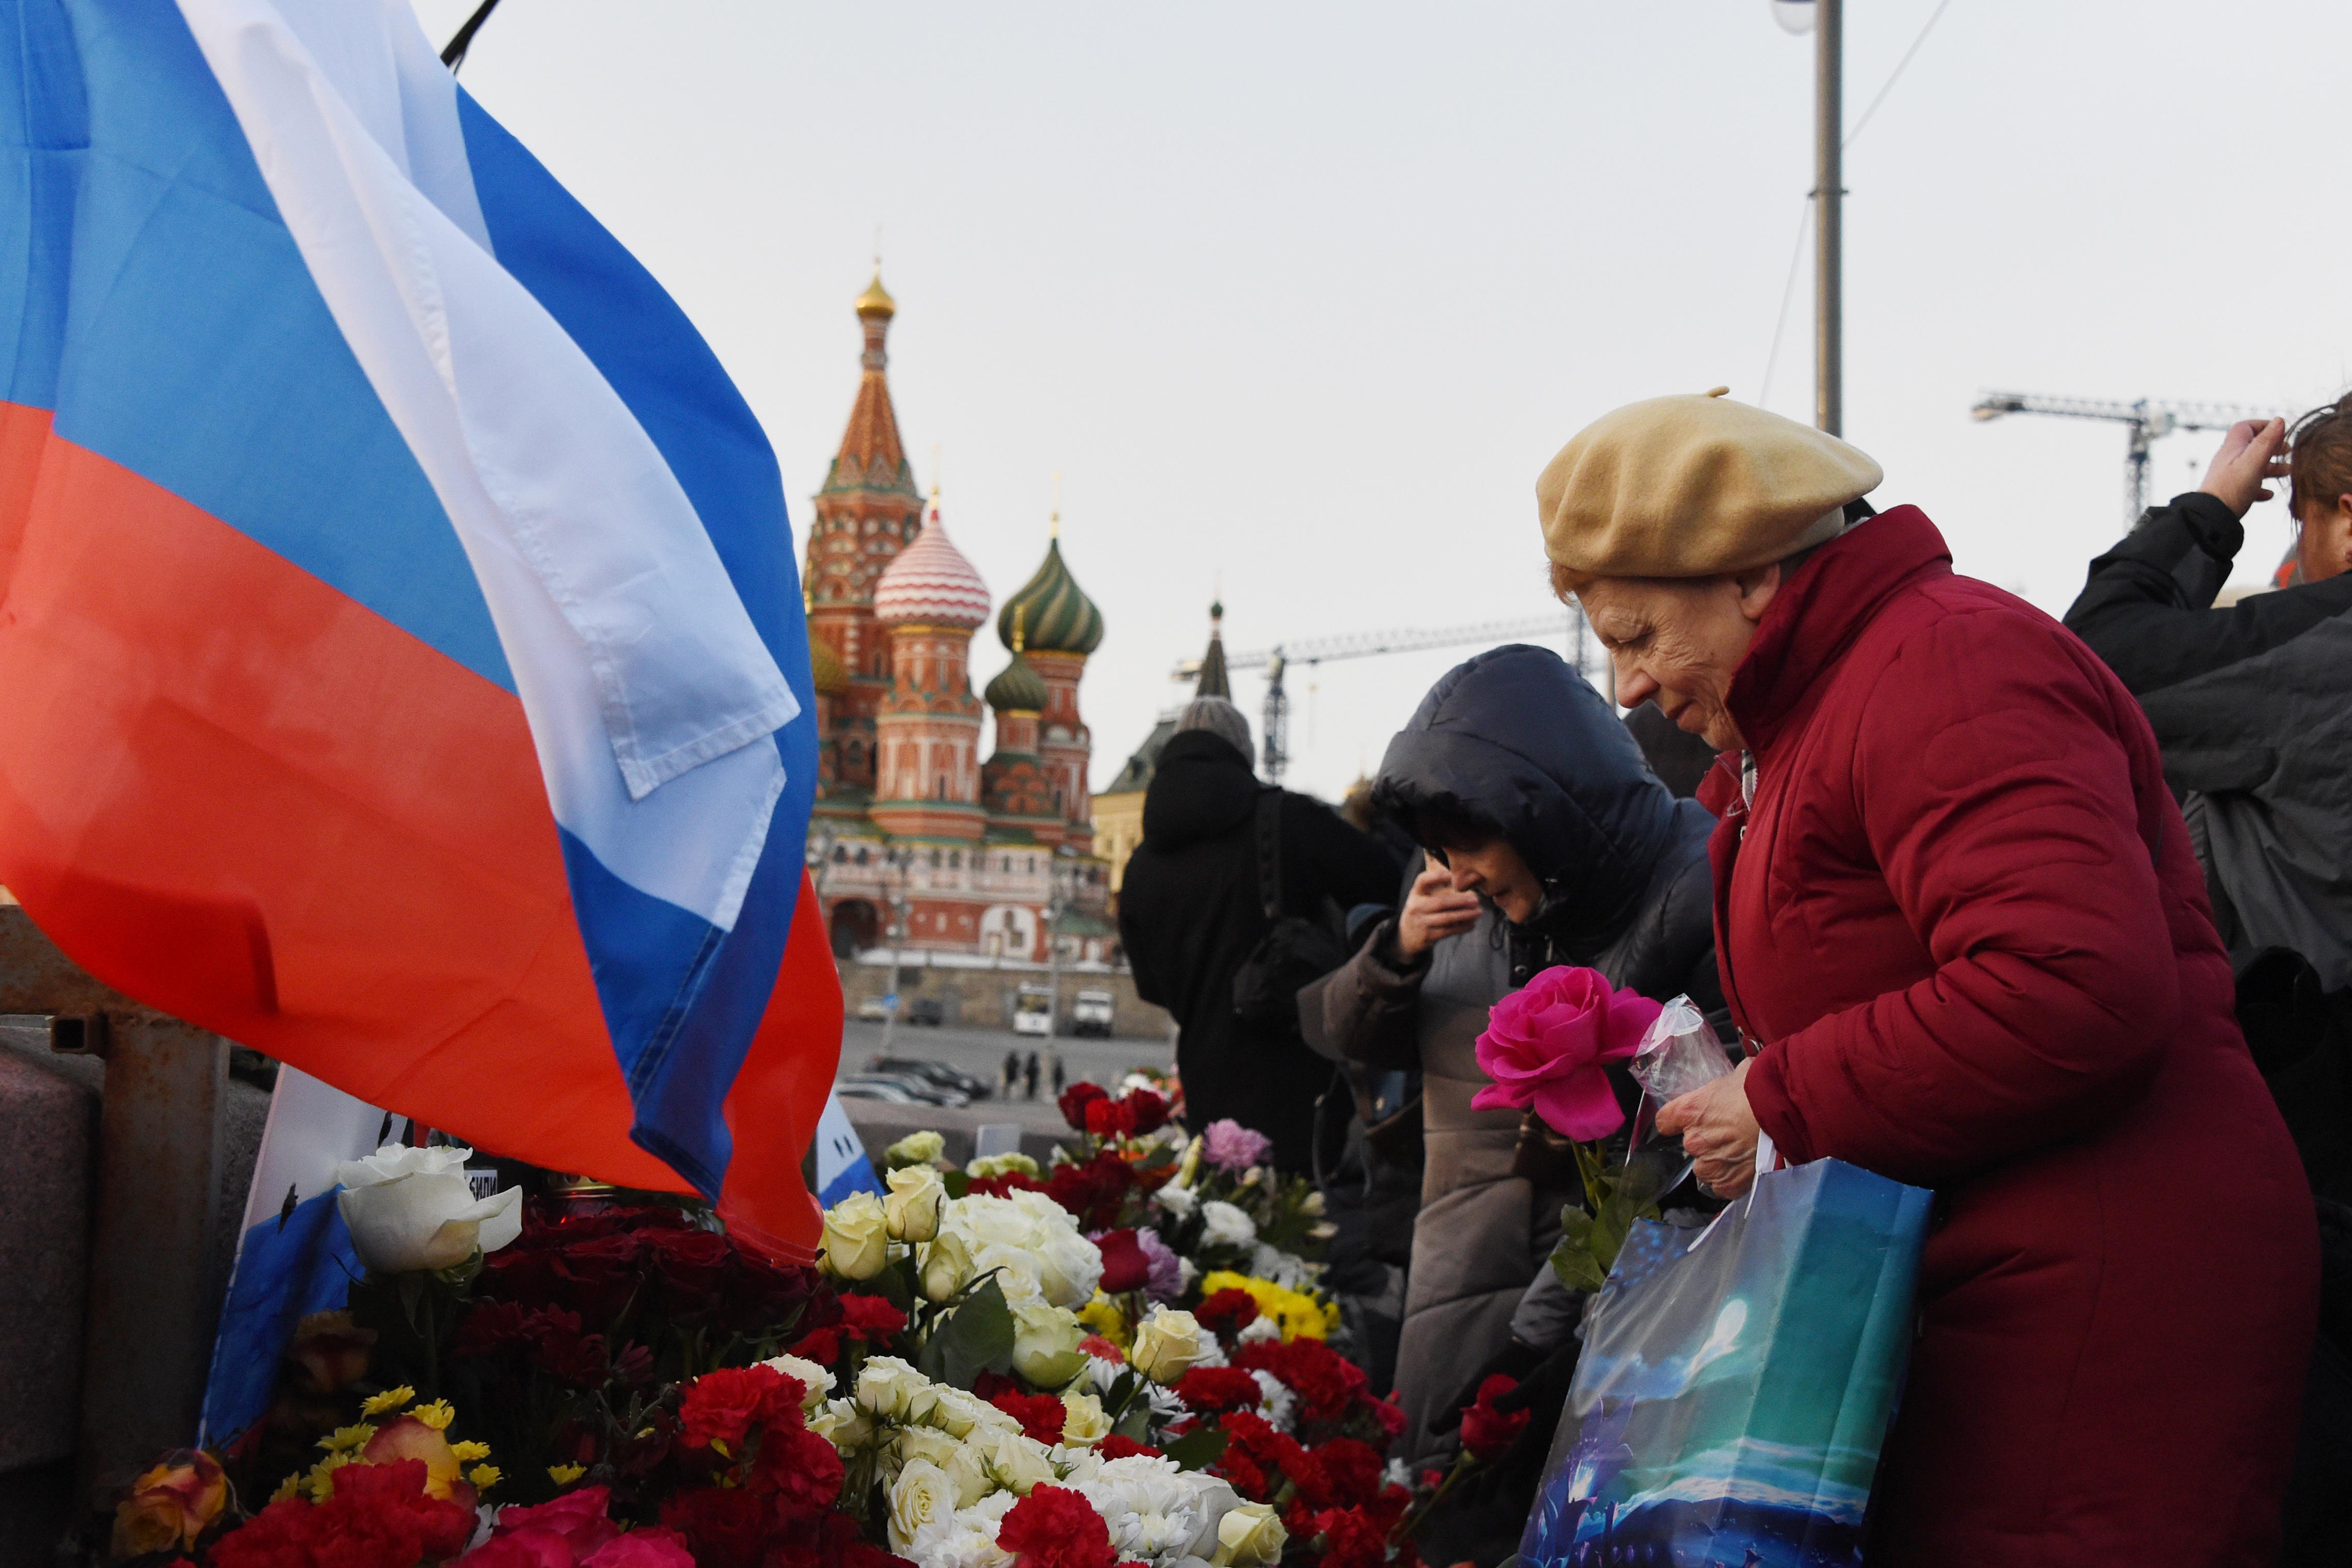 Ezrek emlékeztek Borisz Nyemcovra Moszkvában